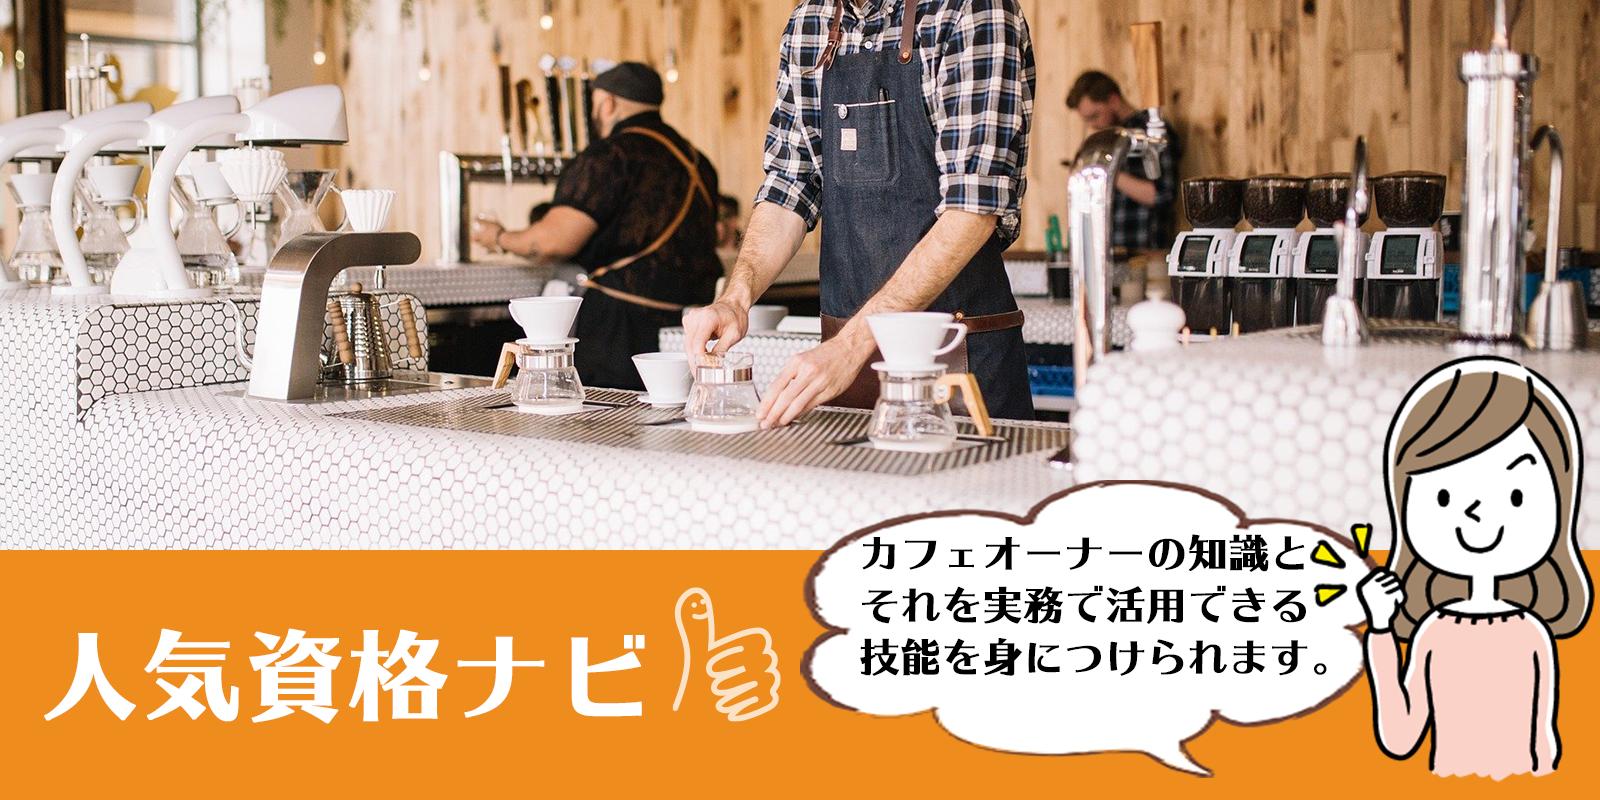 カフェオーナー経営士資格のアイキャッチ画像